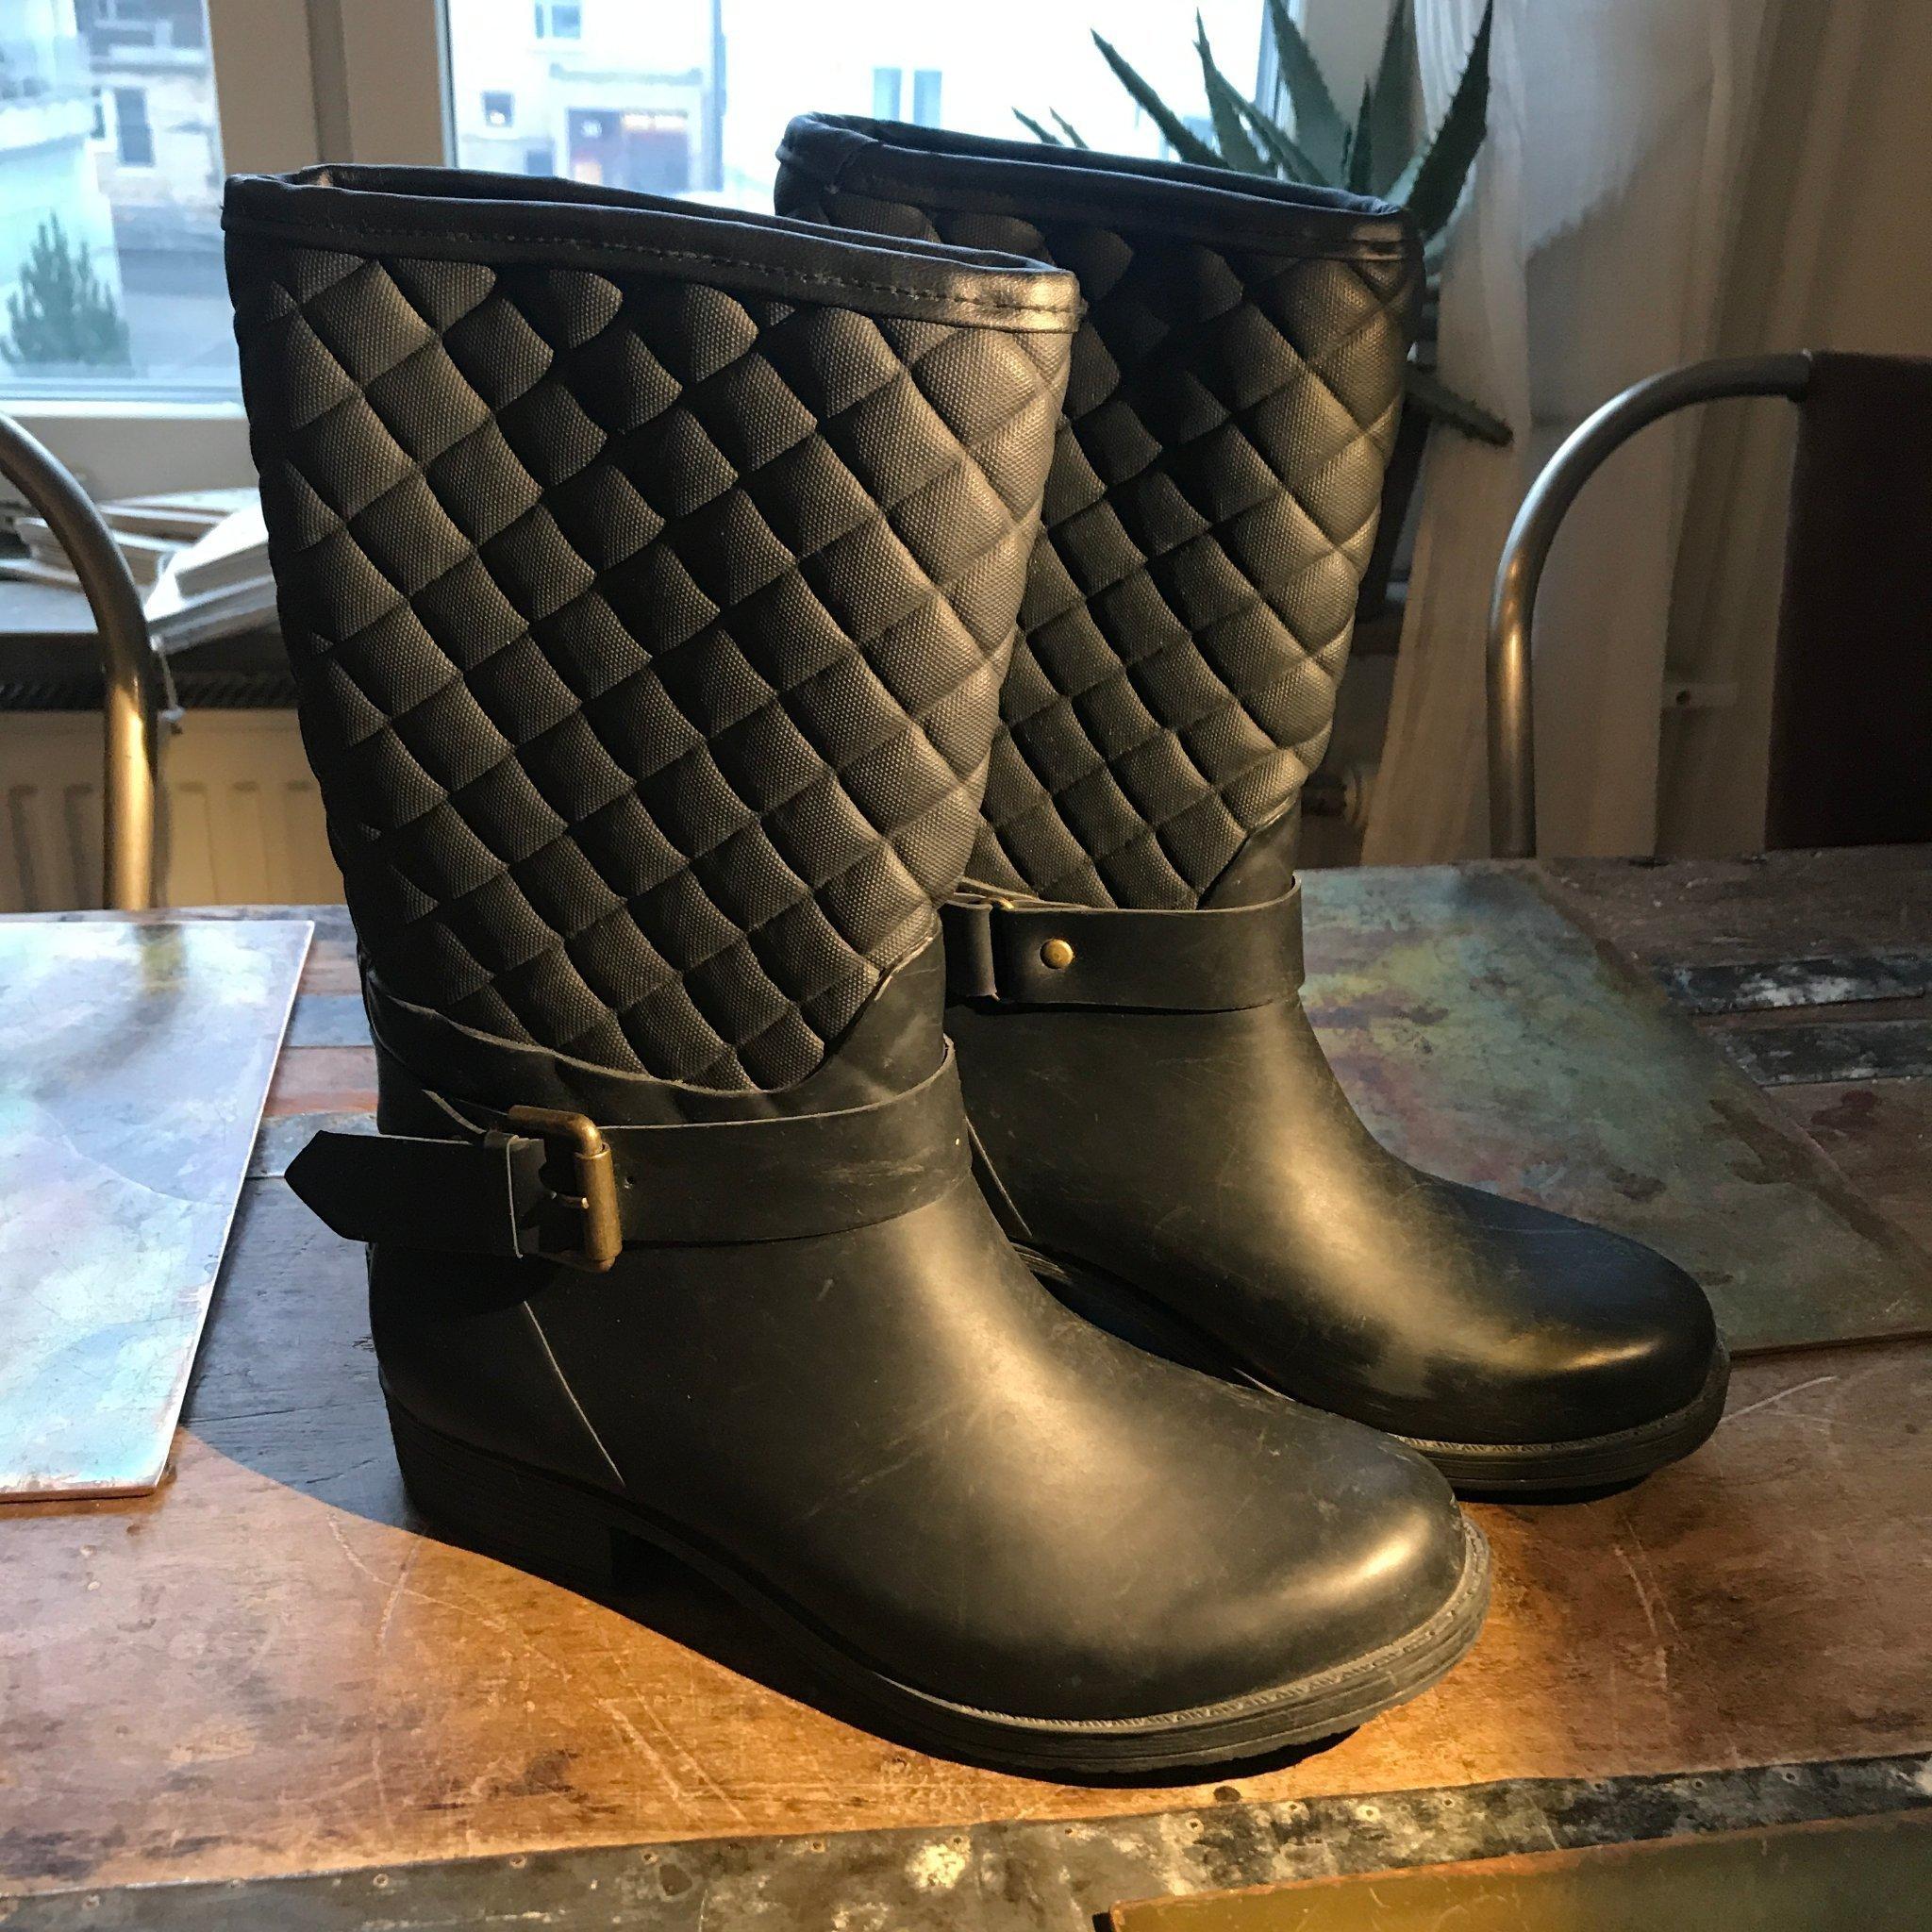 Trendiga gummistövlarrubber boots från Colors .. (394026547